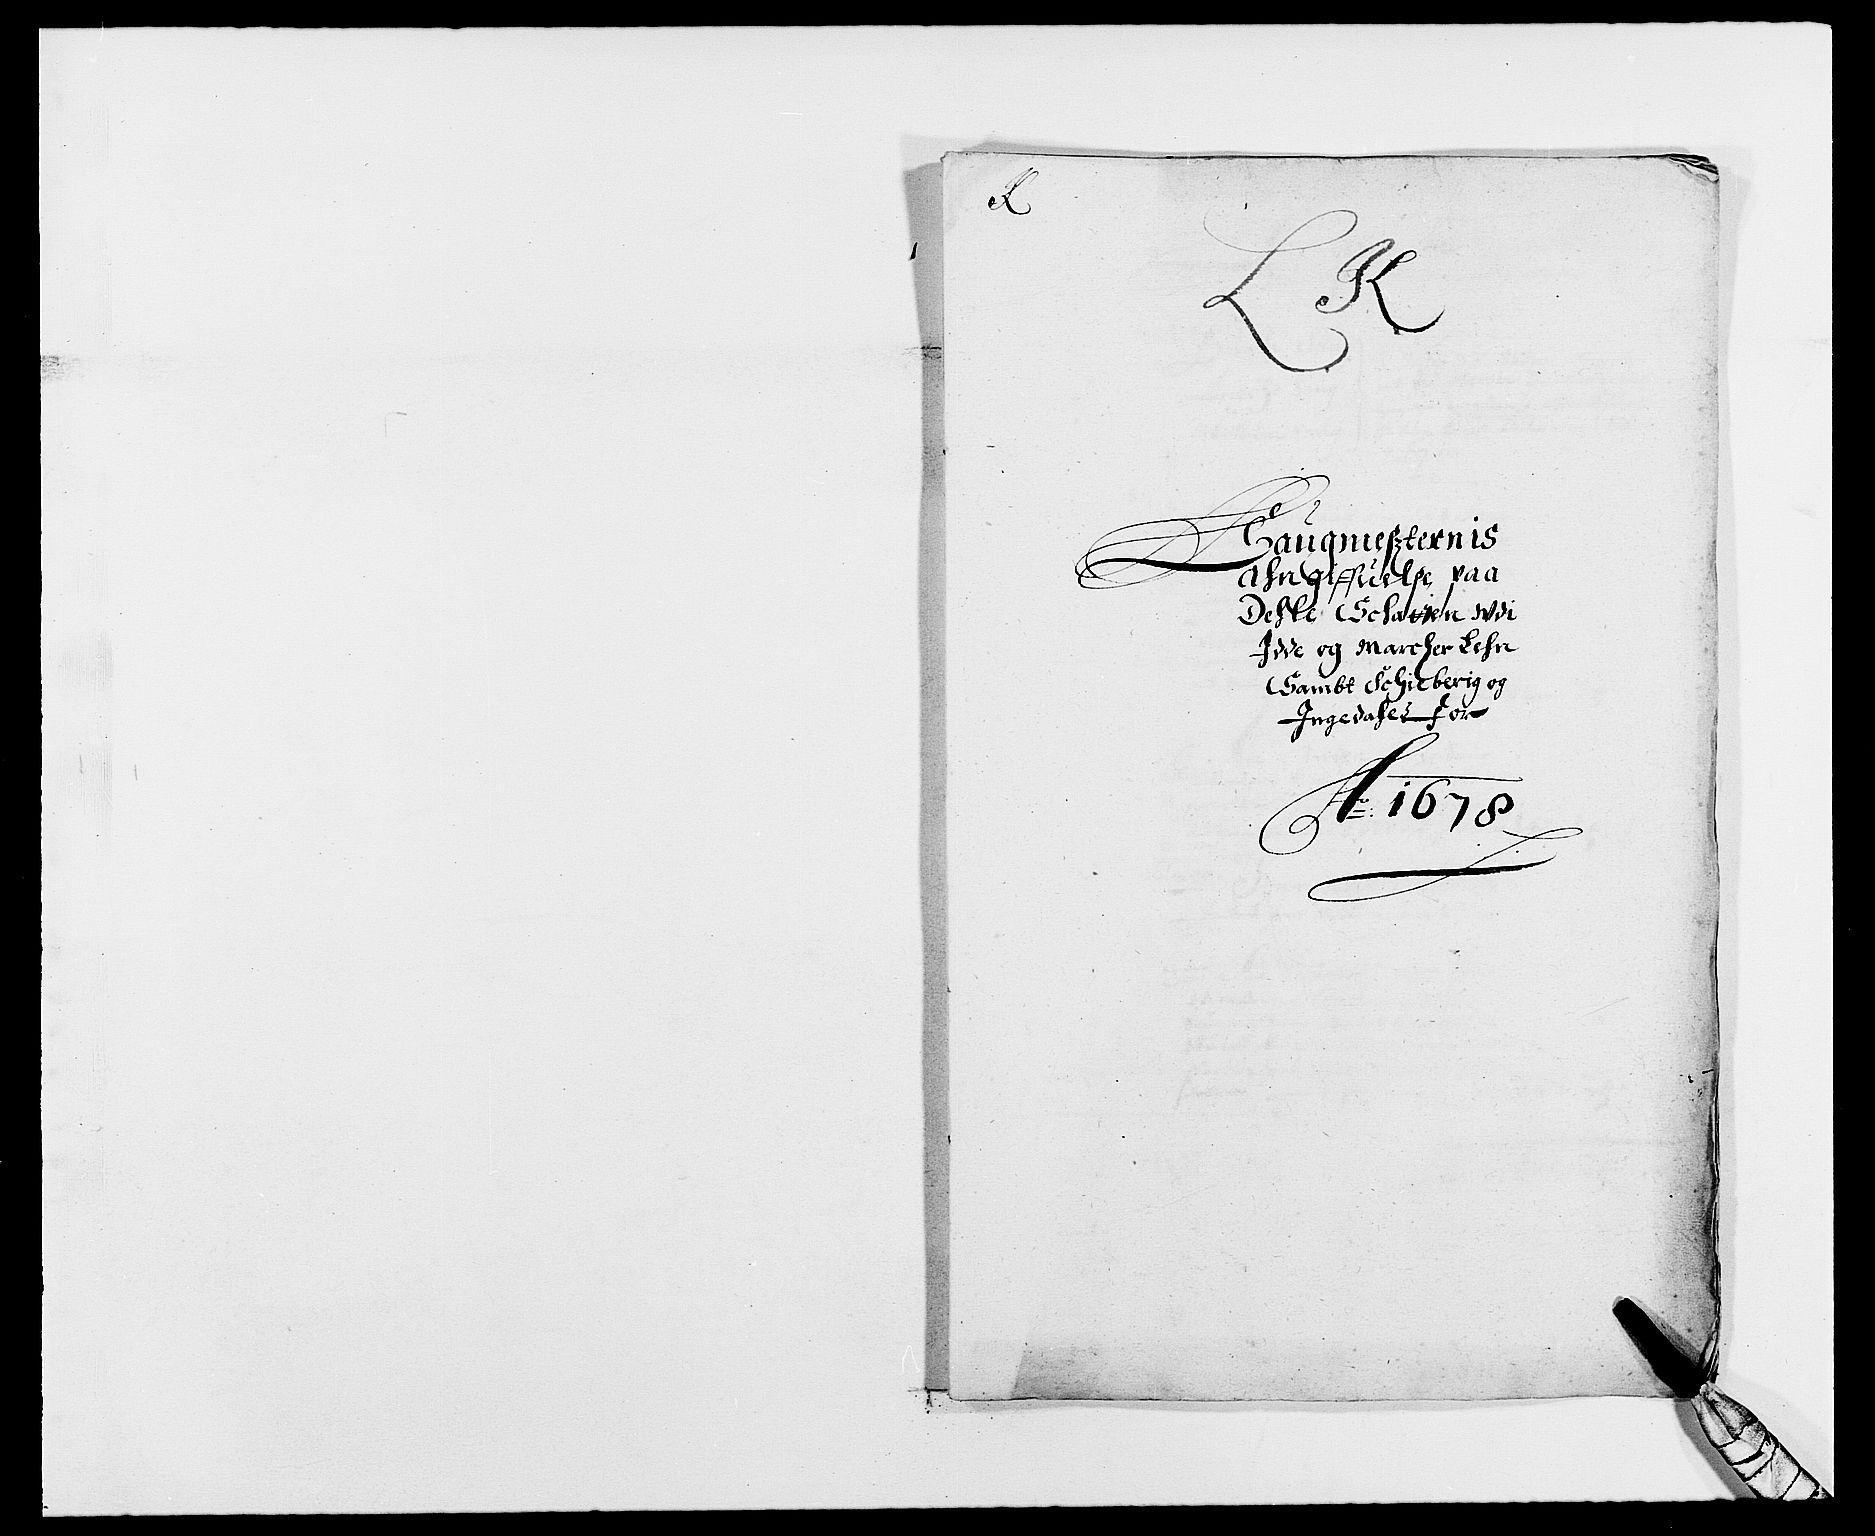 RA, Rentekammeret inntil 1814, Reviderte regnskaper, Fogderegnskap, R01/L0001: Fogderegnskap Idd og Marker, 1678-1679, s. 253